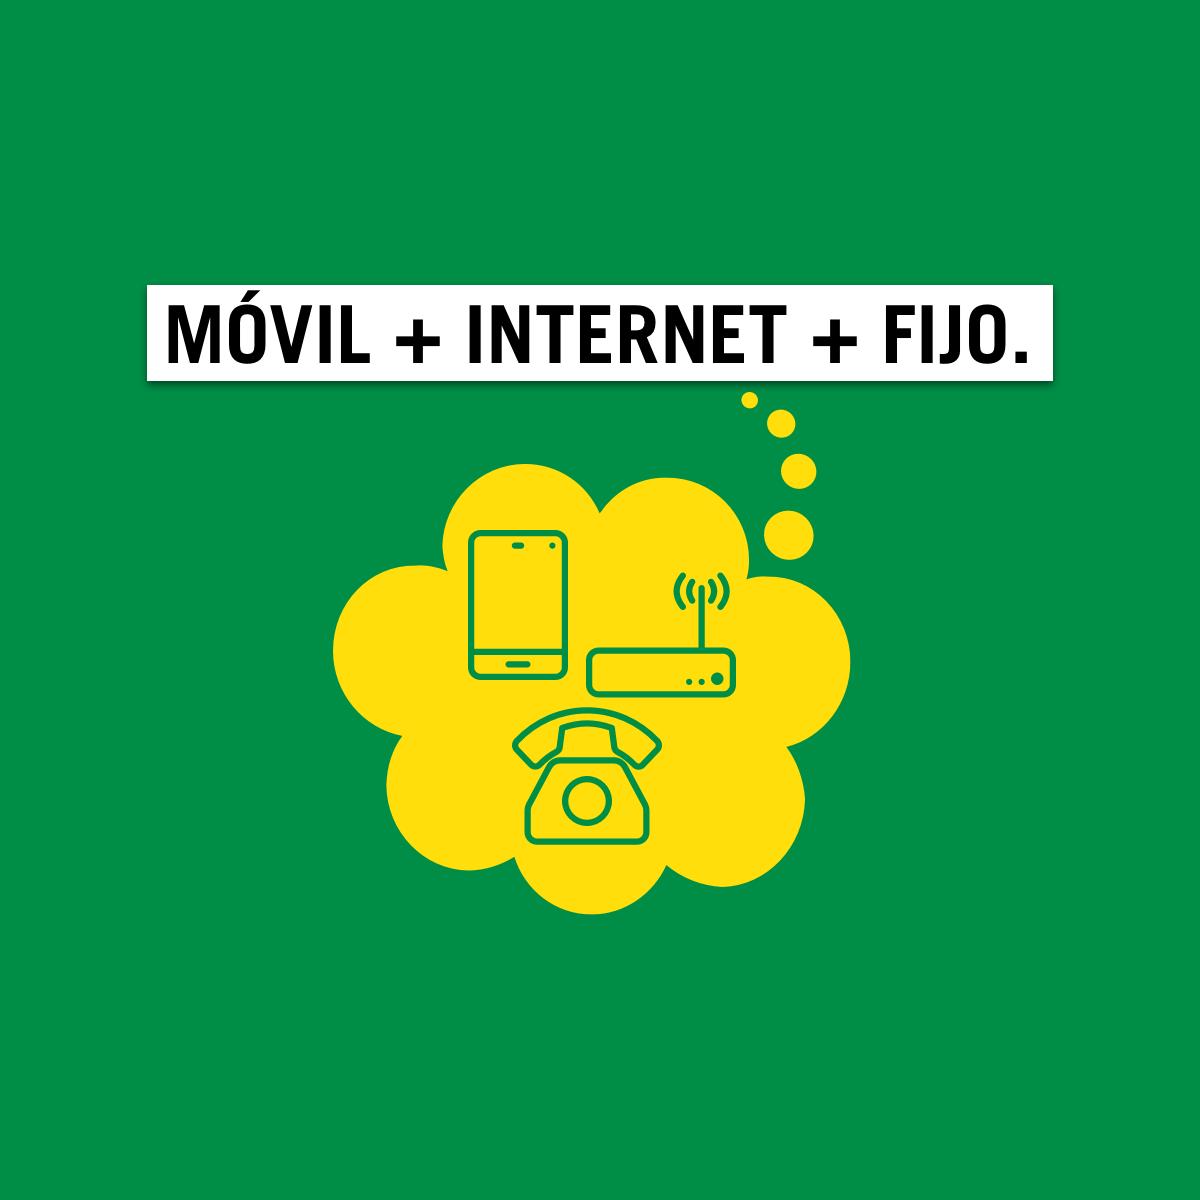 www.yoigo.com